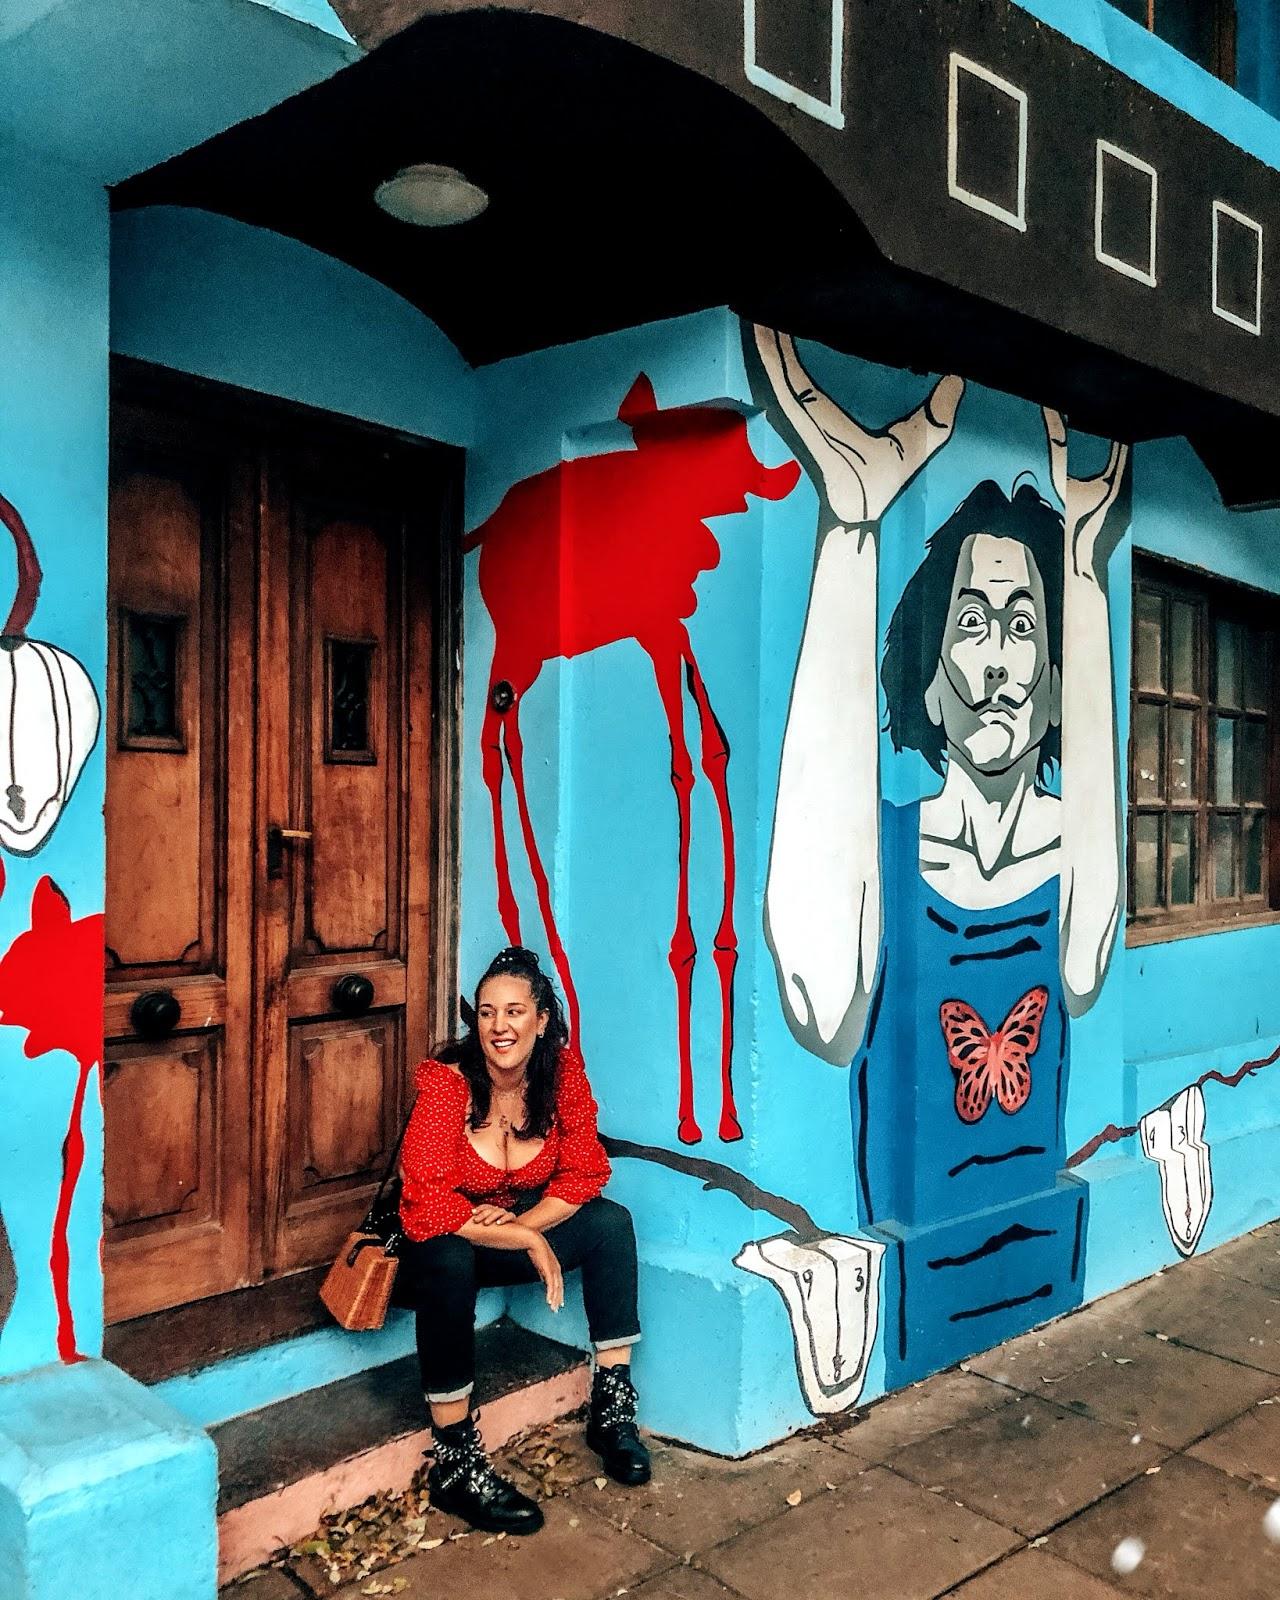 la casa de papel mural